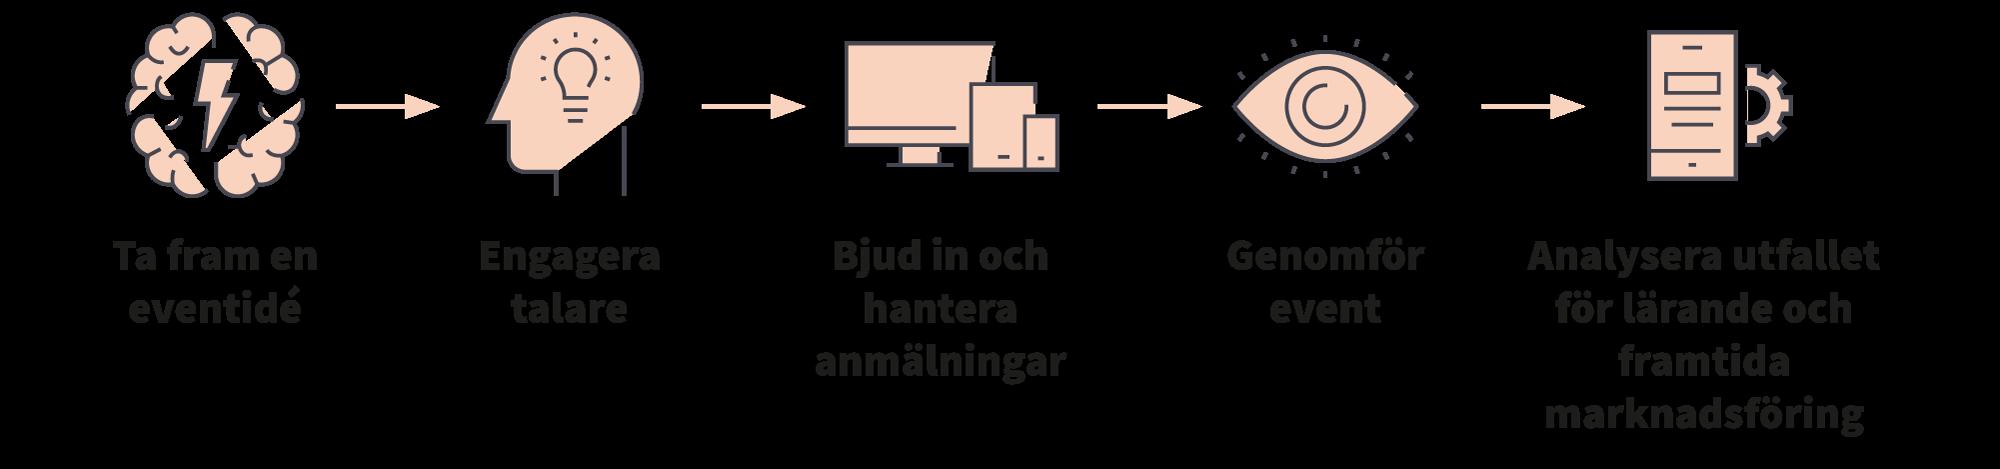 GDPR process